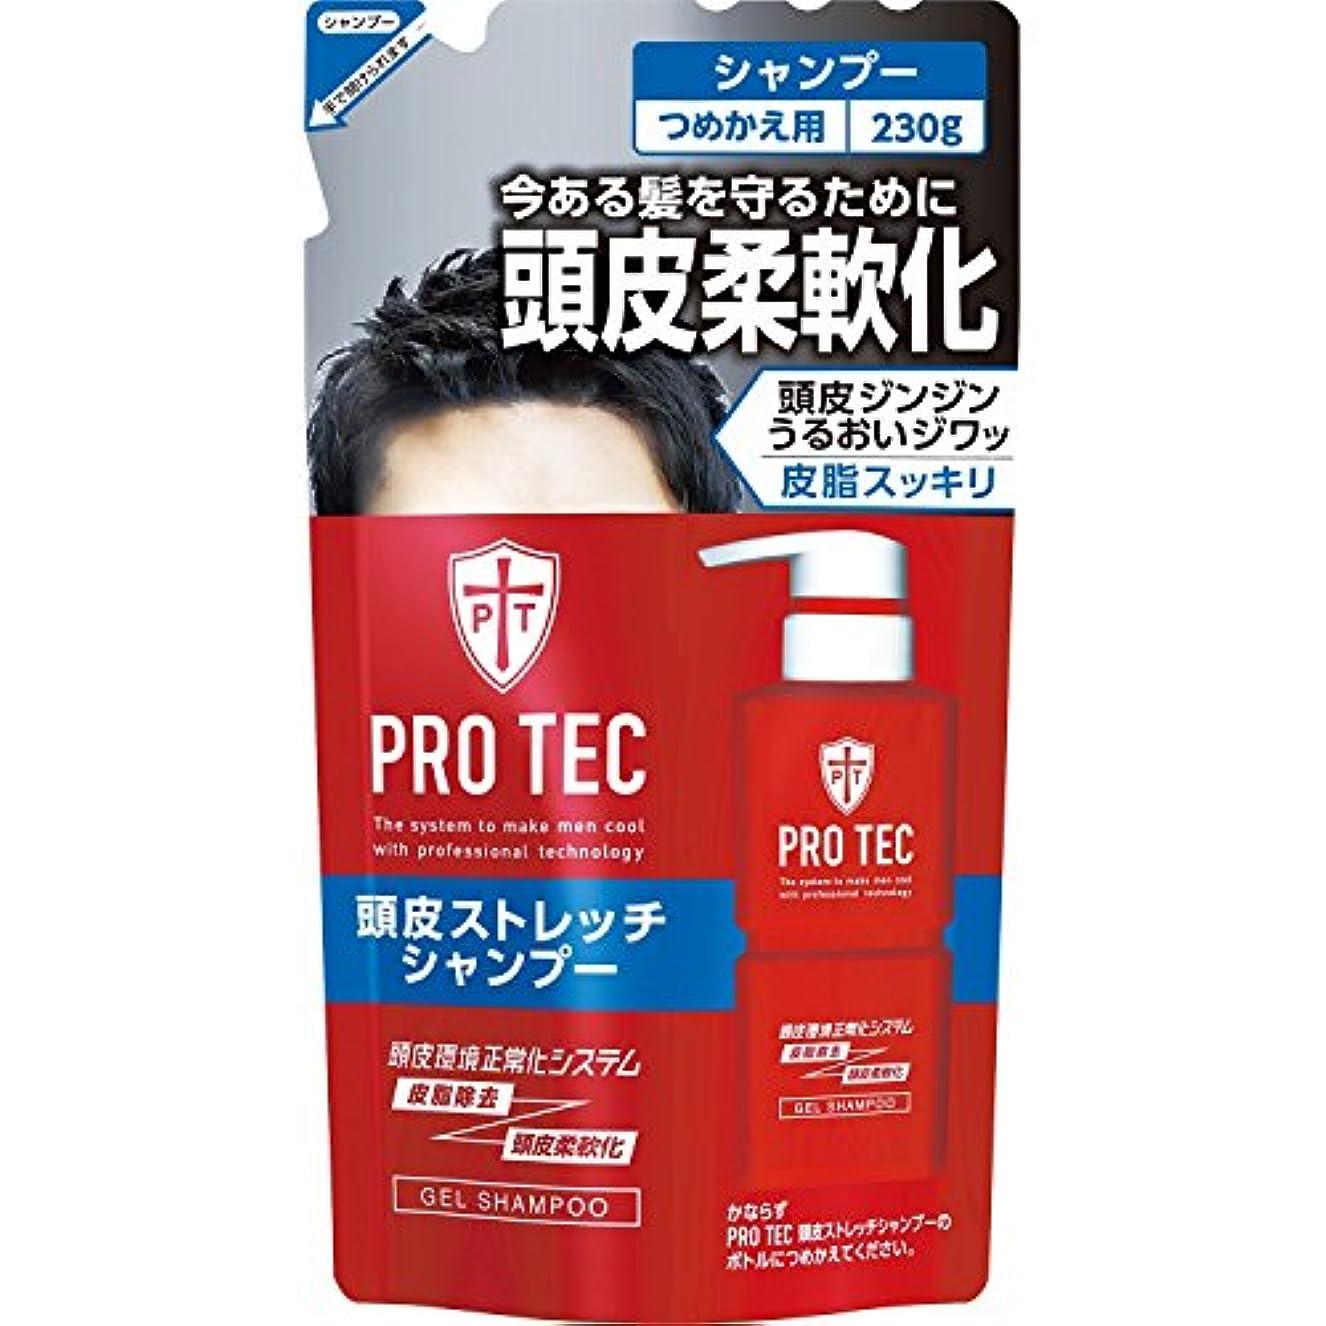 廃止日常的にコメンテーターPRO TEC(プロテク) 頭皮ストレッチ シャンプー 詰め替え 230g(医薬部外品)